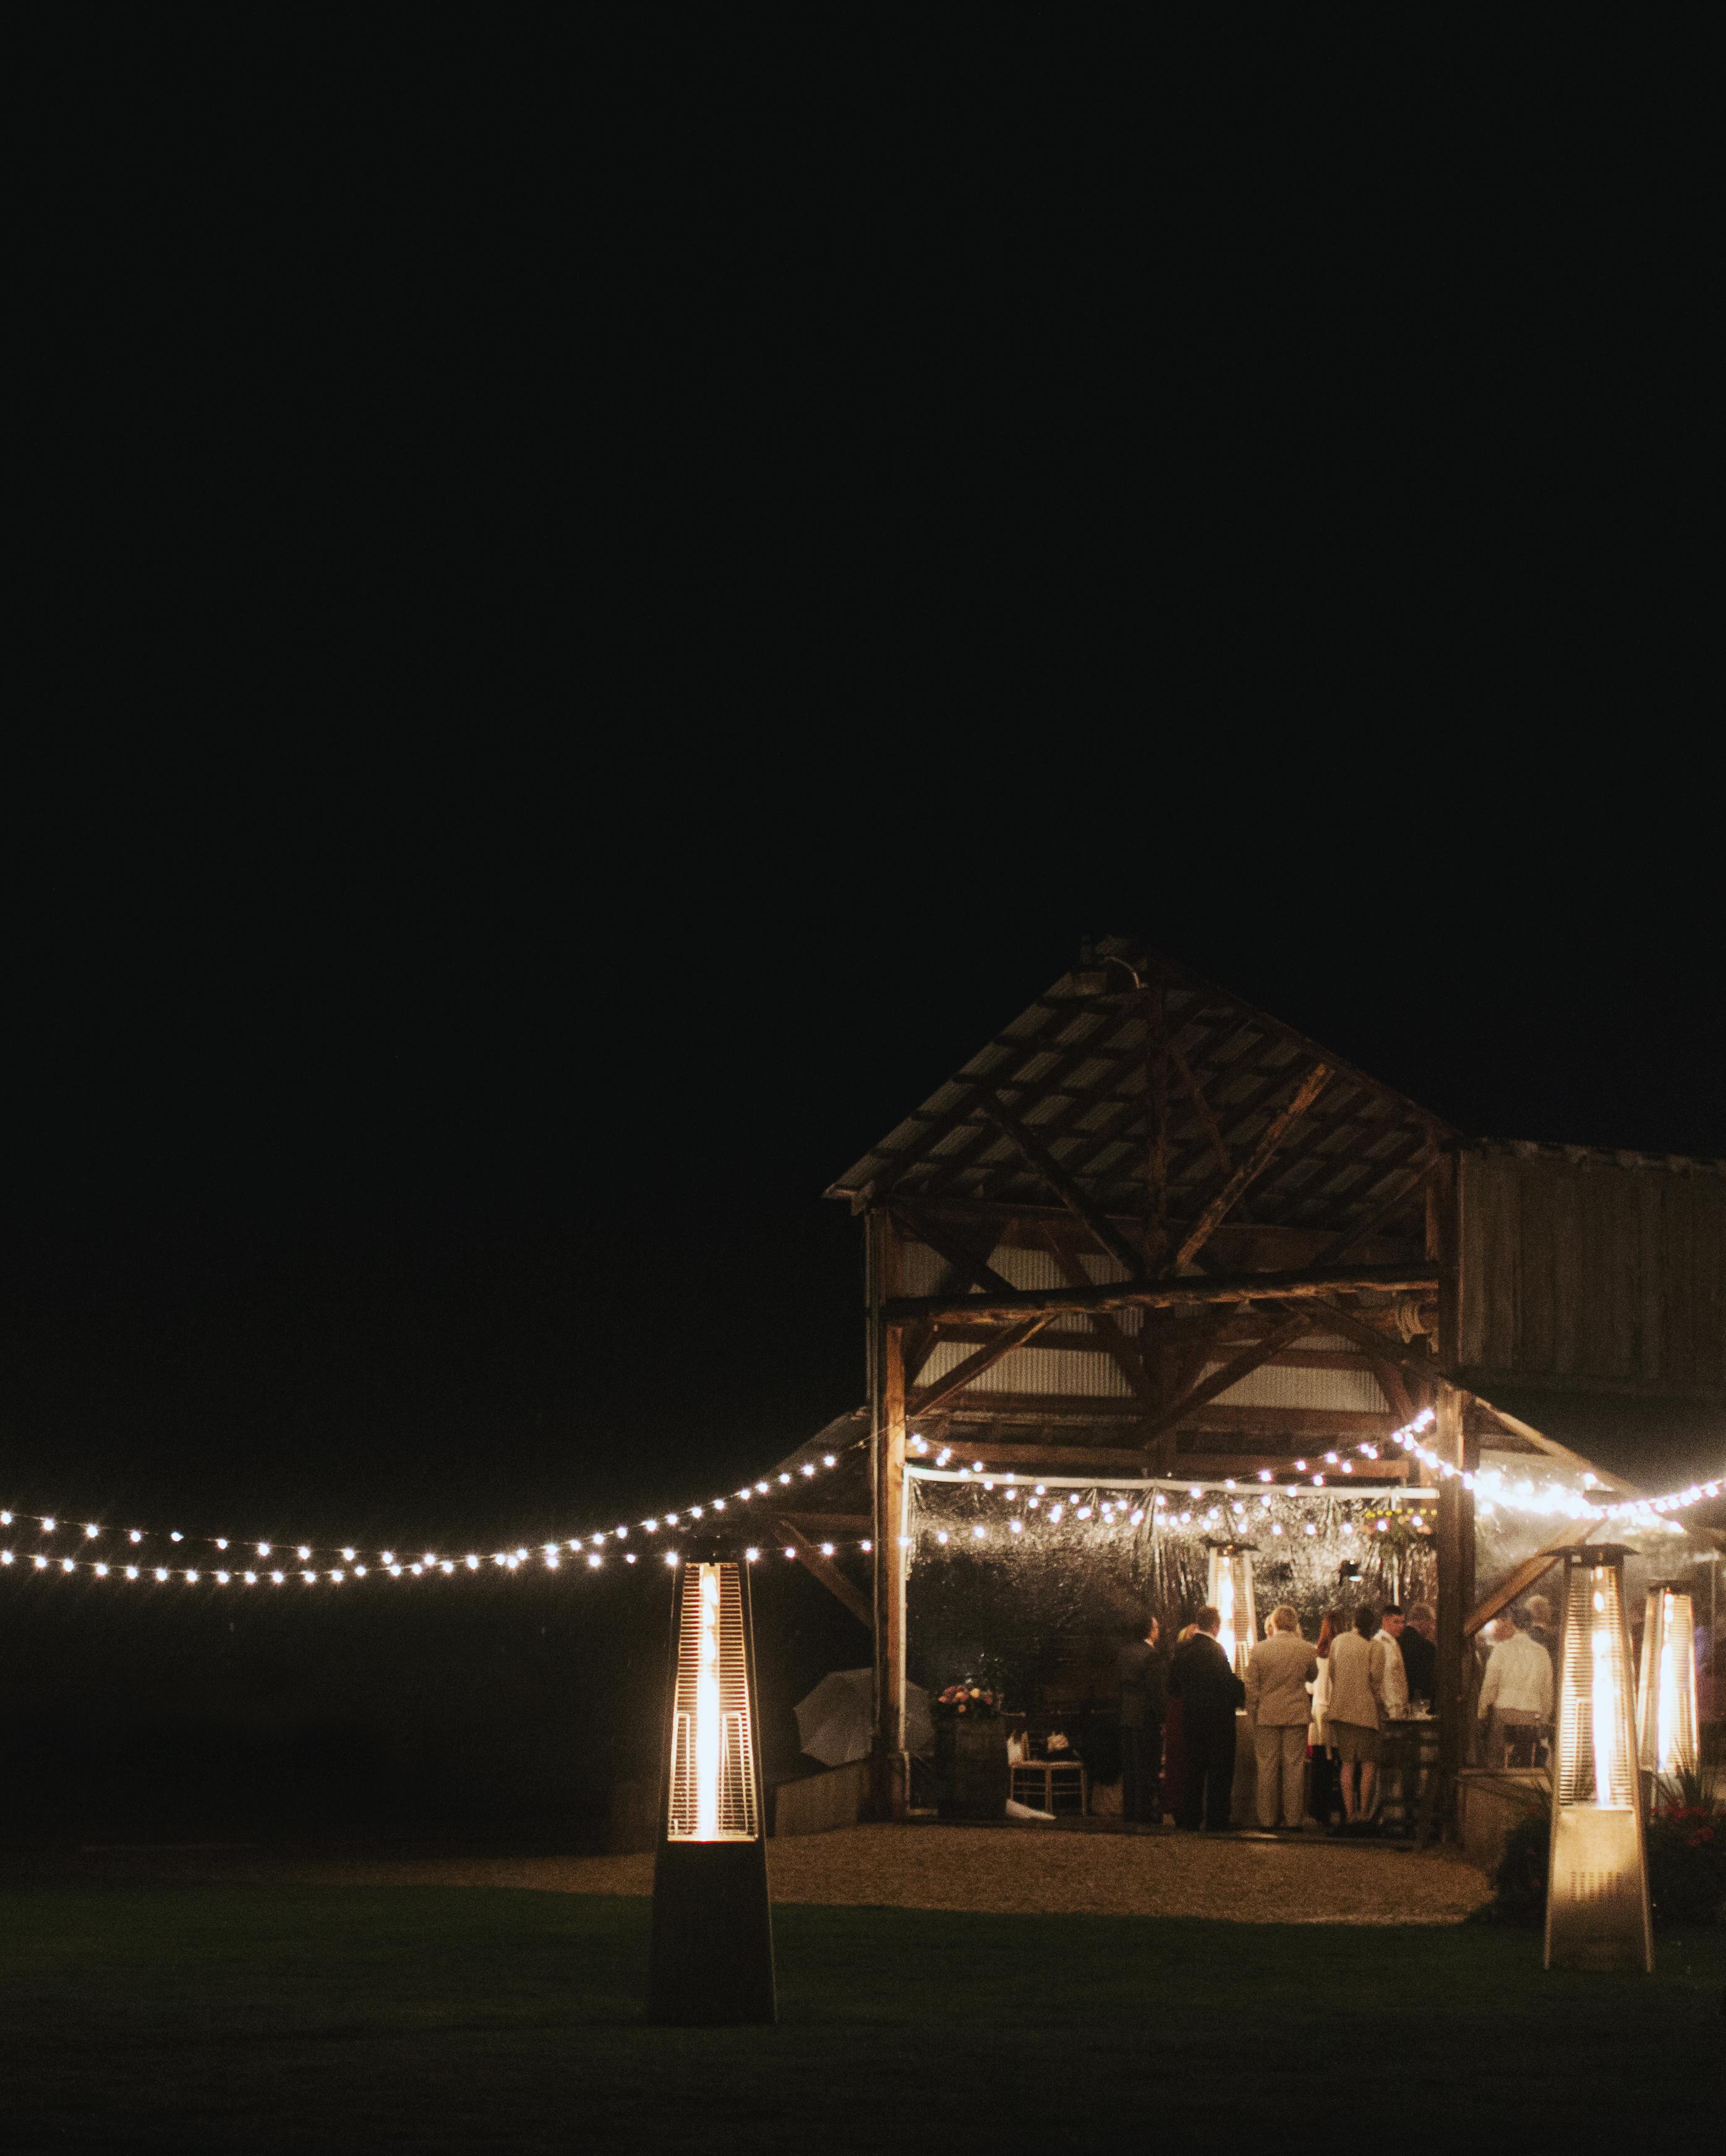 sara-matt-wedding-reception-4053-s111990-0715.jpg